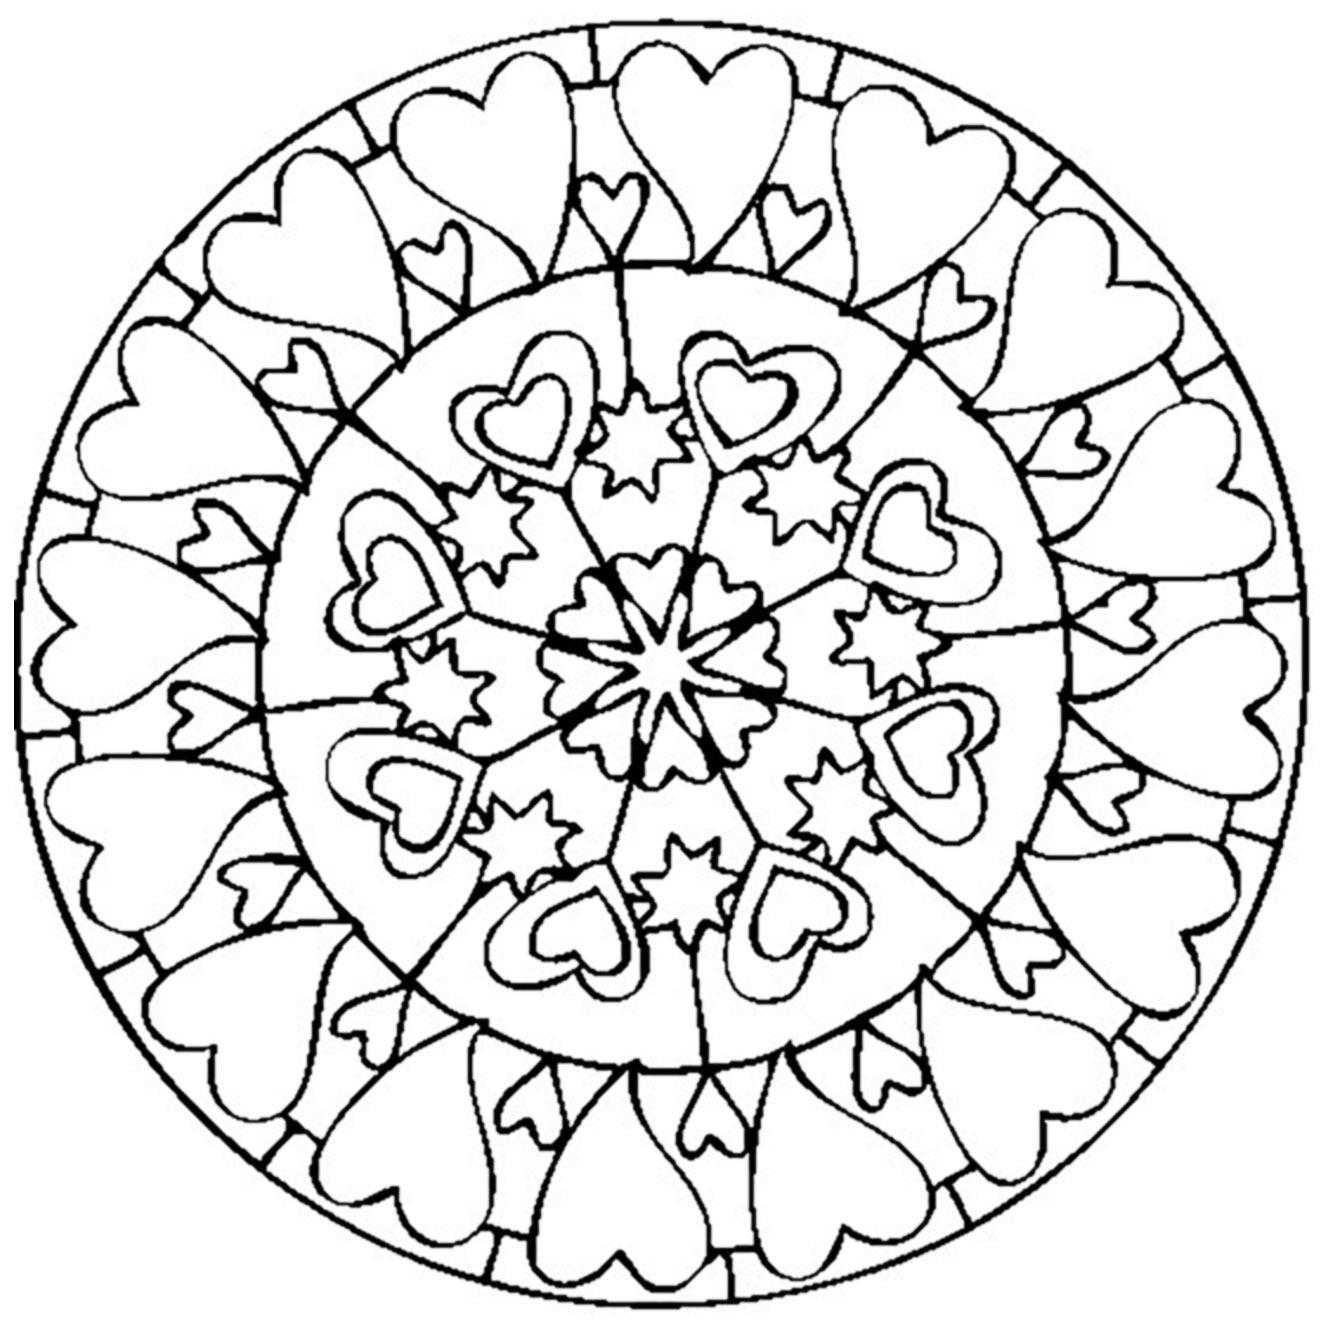 Coloriage De Mandala Damour A Imprimer.Mandala Saint Valentin Amour Mandalas Coloriages Difficiles Pour